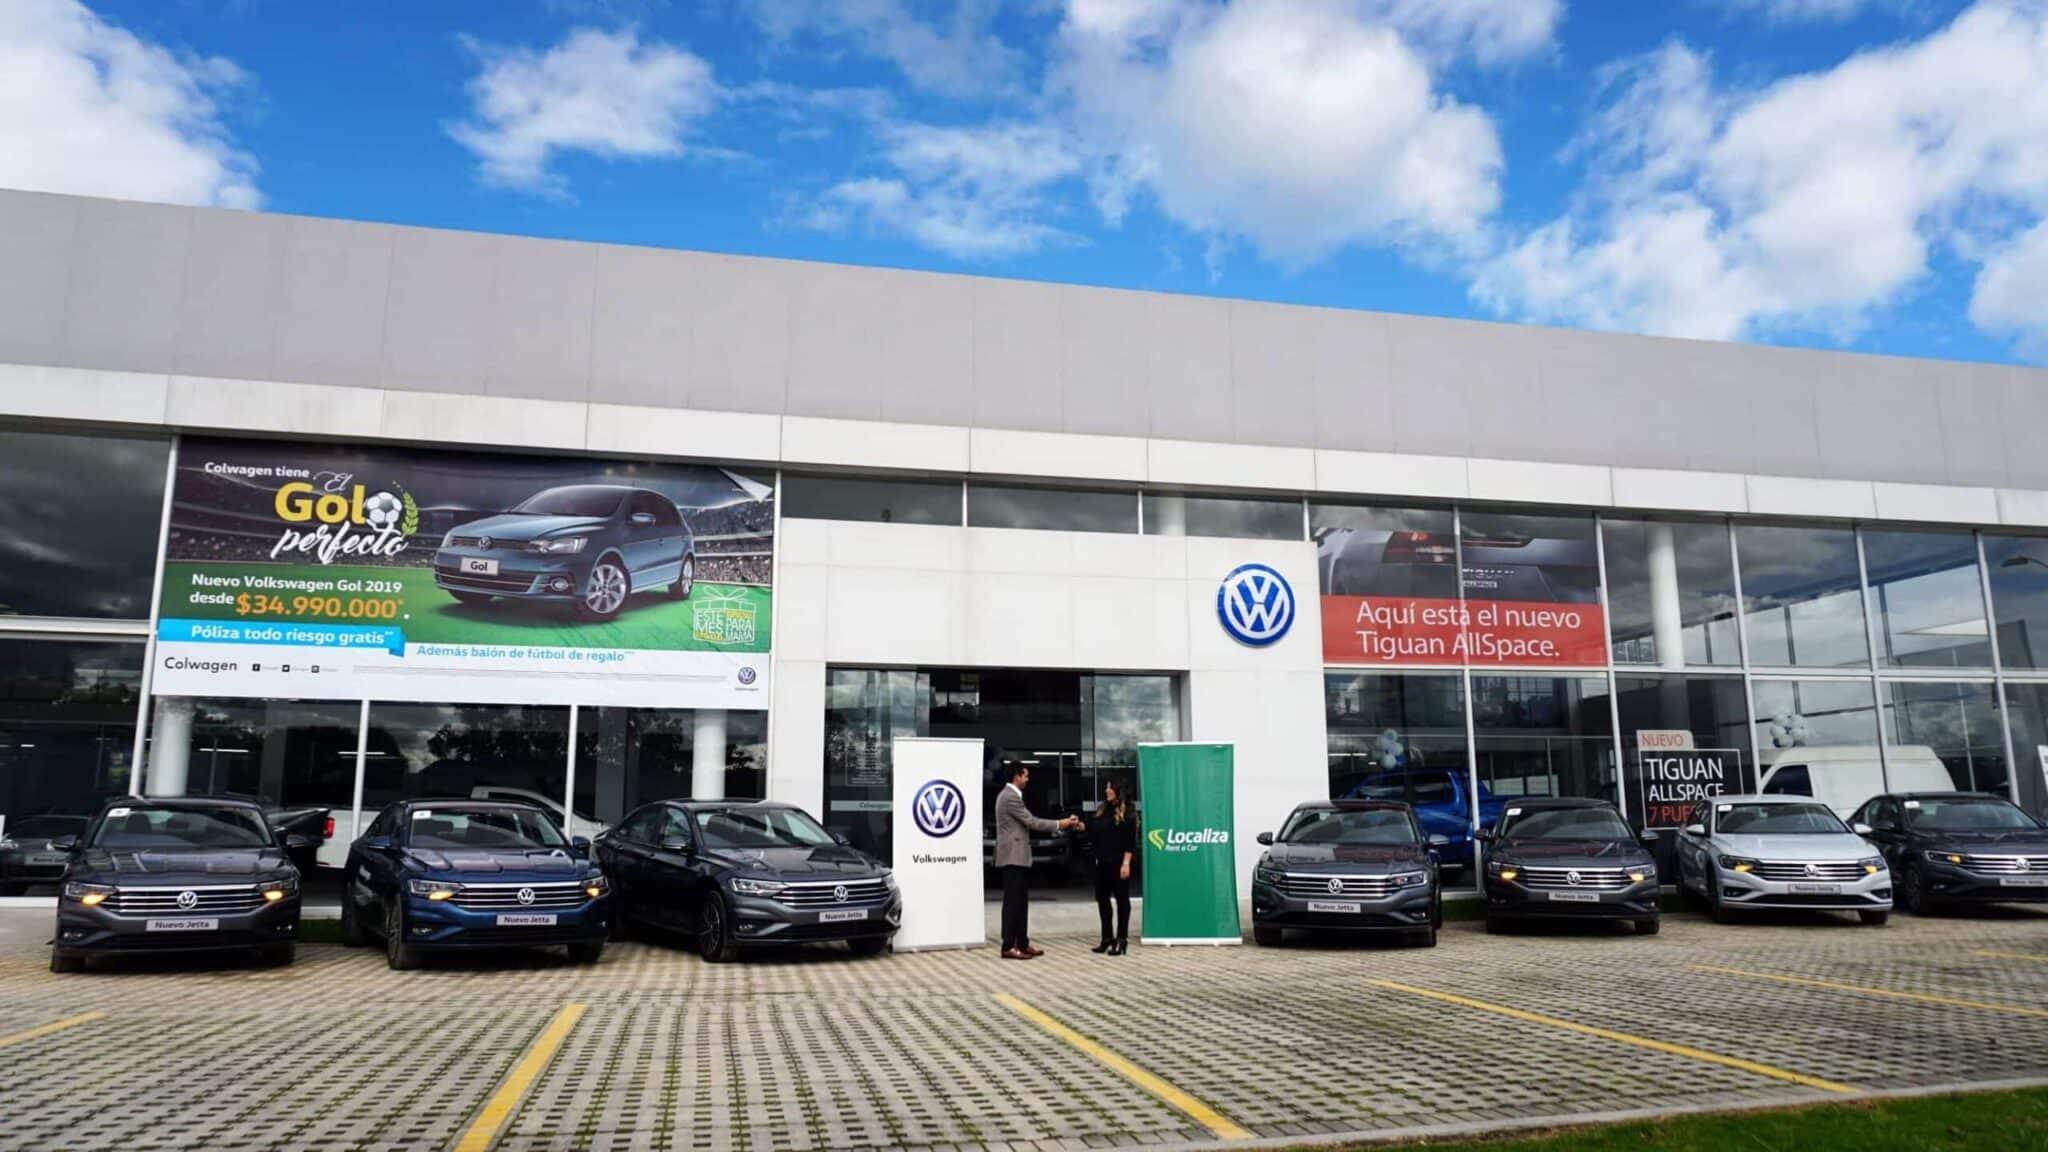 Volkswagen jetta 2019 Colombia